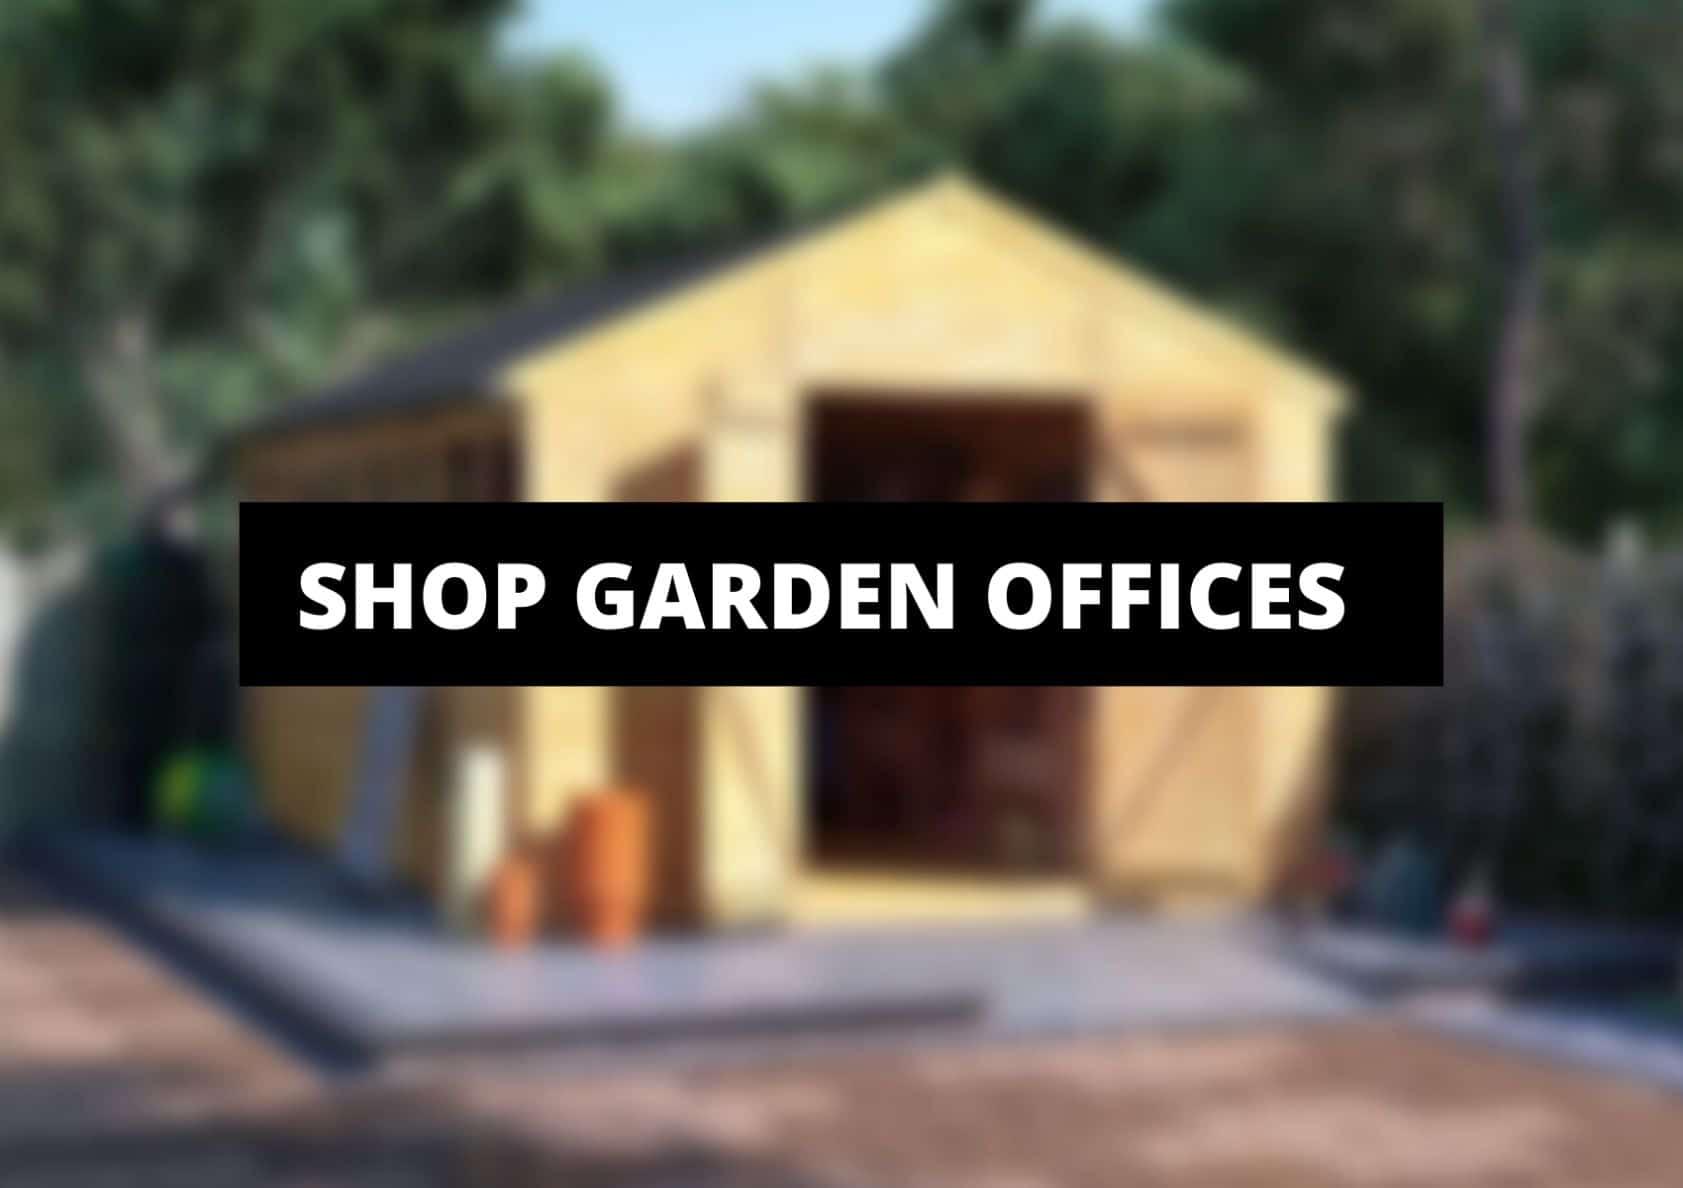 shop-garden-offices-button